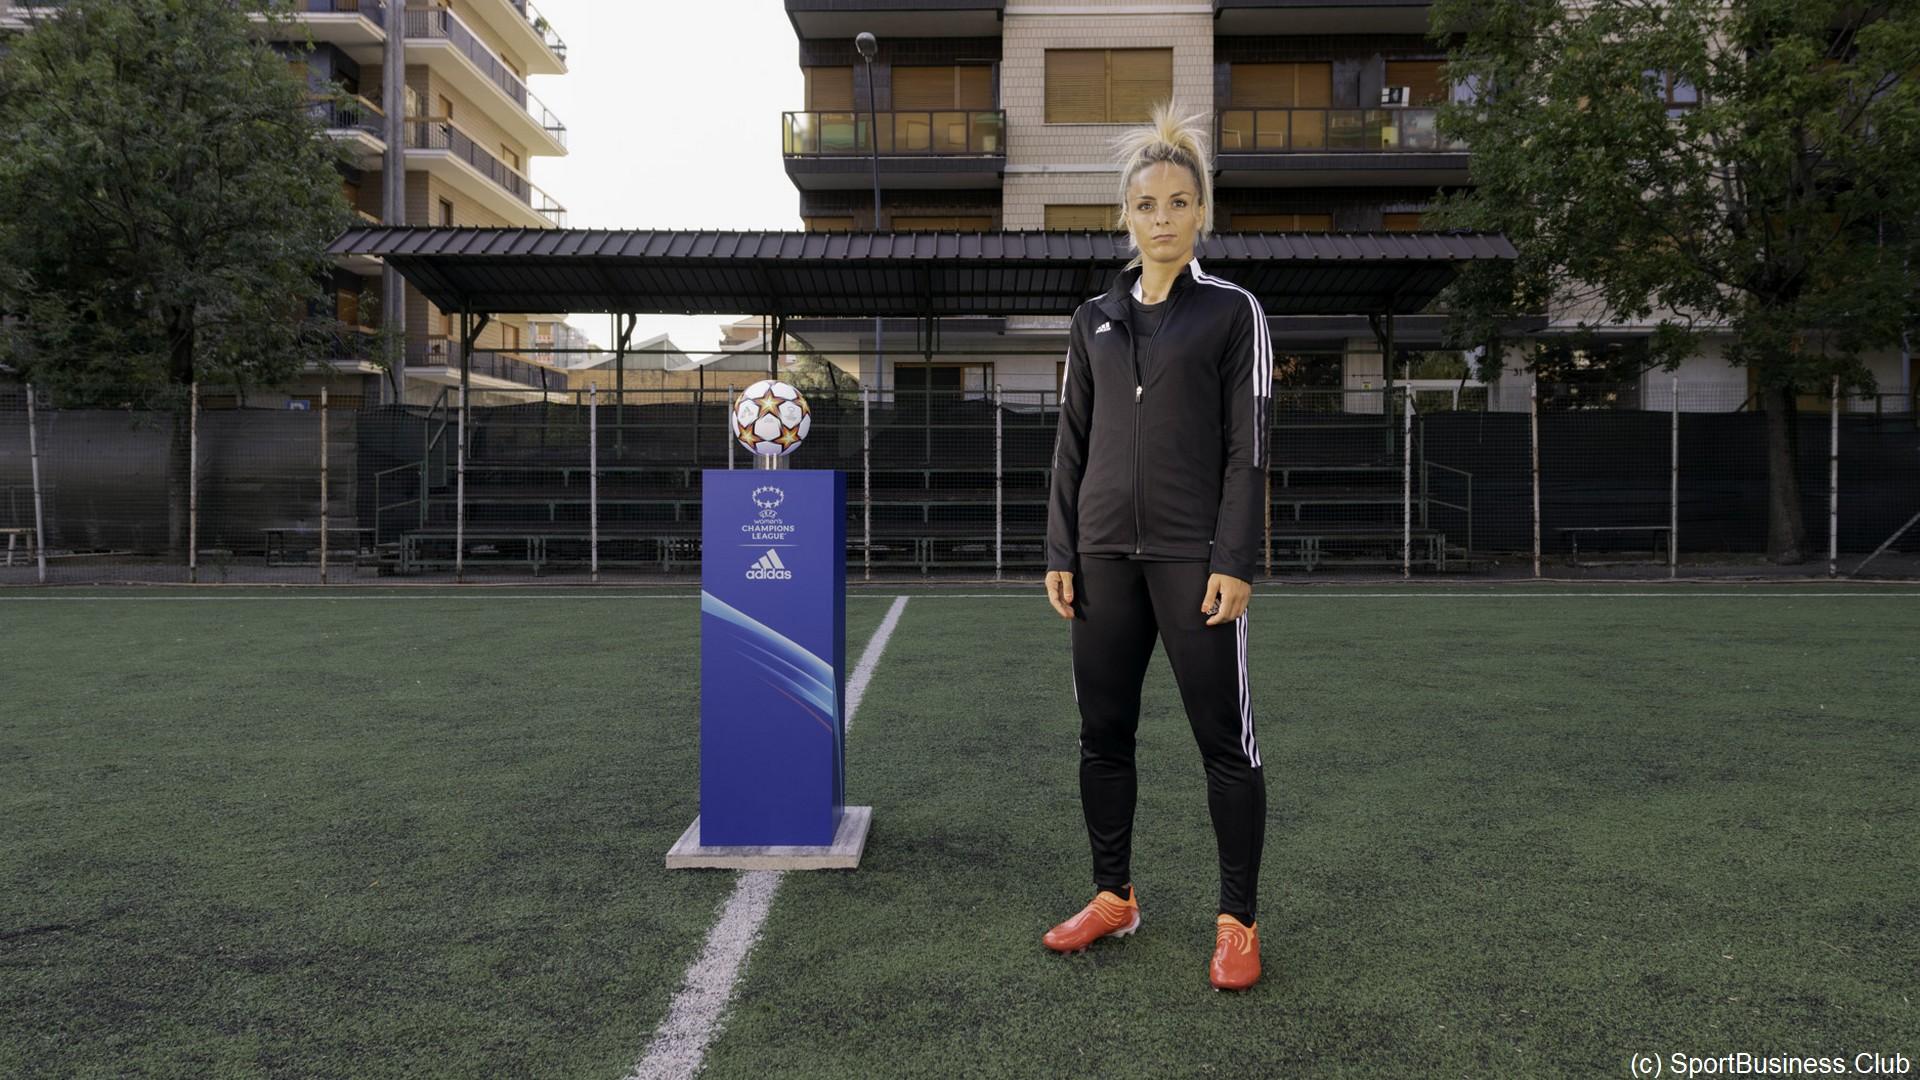 Adidas x UEFA (football) 2021